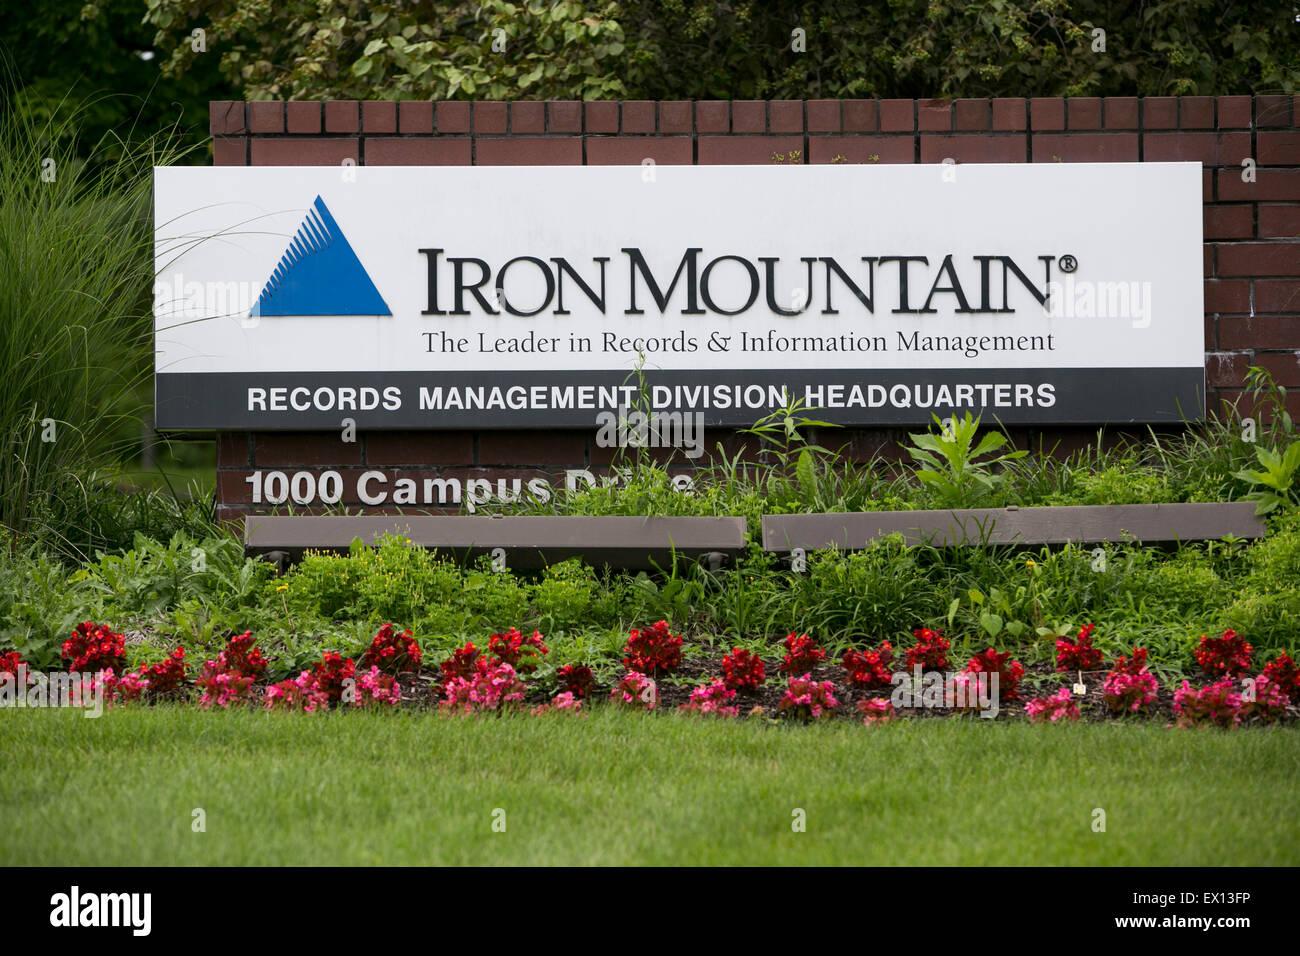 Un logotipo firmar fuera de la sede de la División de Gestión de registros de Iron Mountain en Collegeville, Pennsylvania. Foto de stock